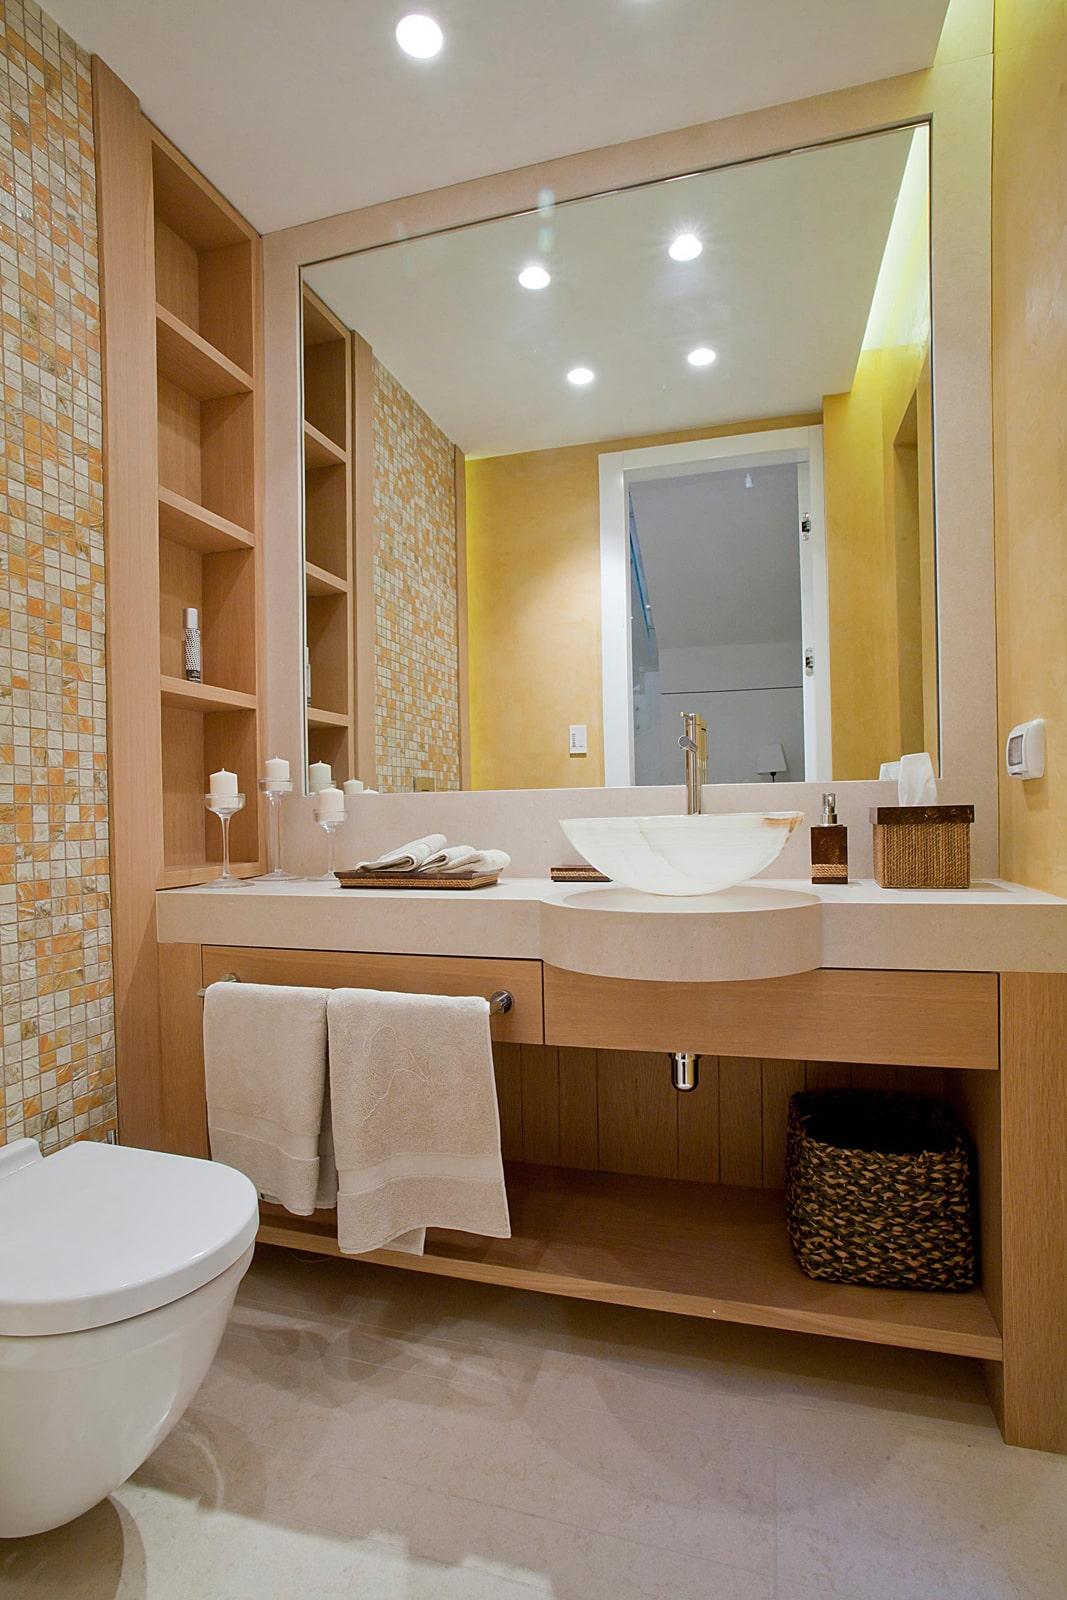 ארון כיור אמבטיה עץ פורניר טיק  דלתות מראה ידית אינטגרלית